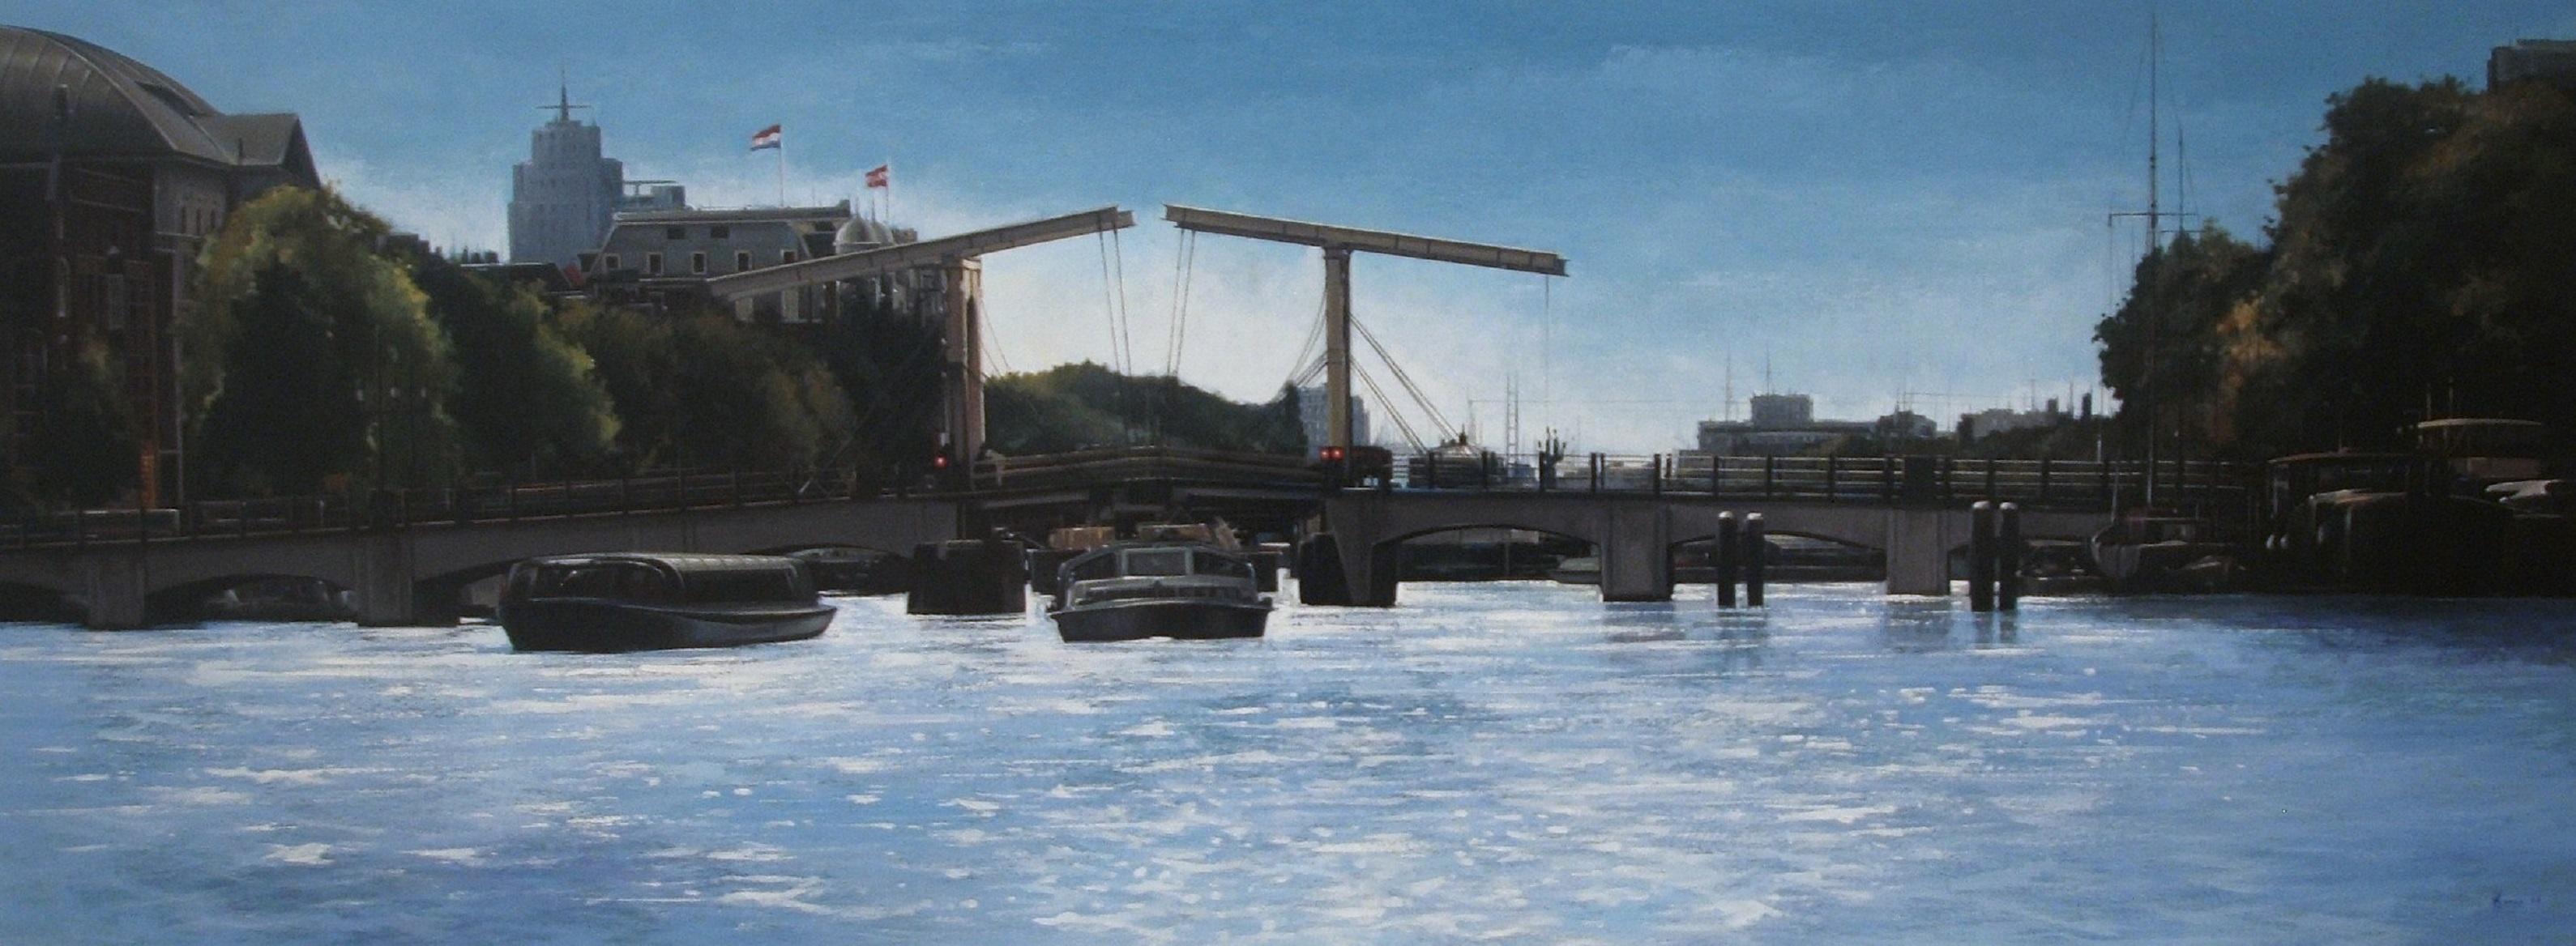 Puente de Amsterdam (2008) - Juan Ramón Espax Dolade - Espax